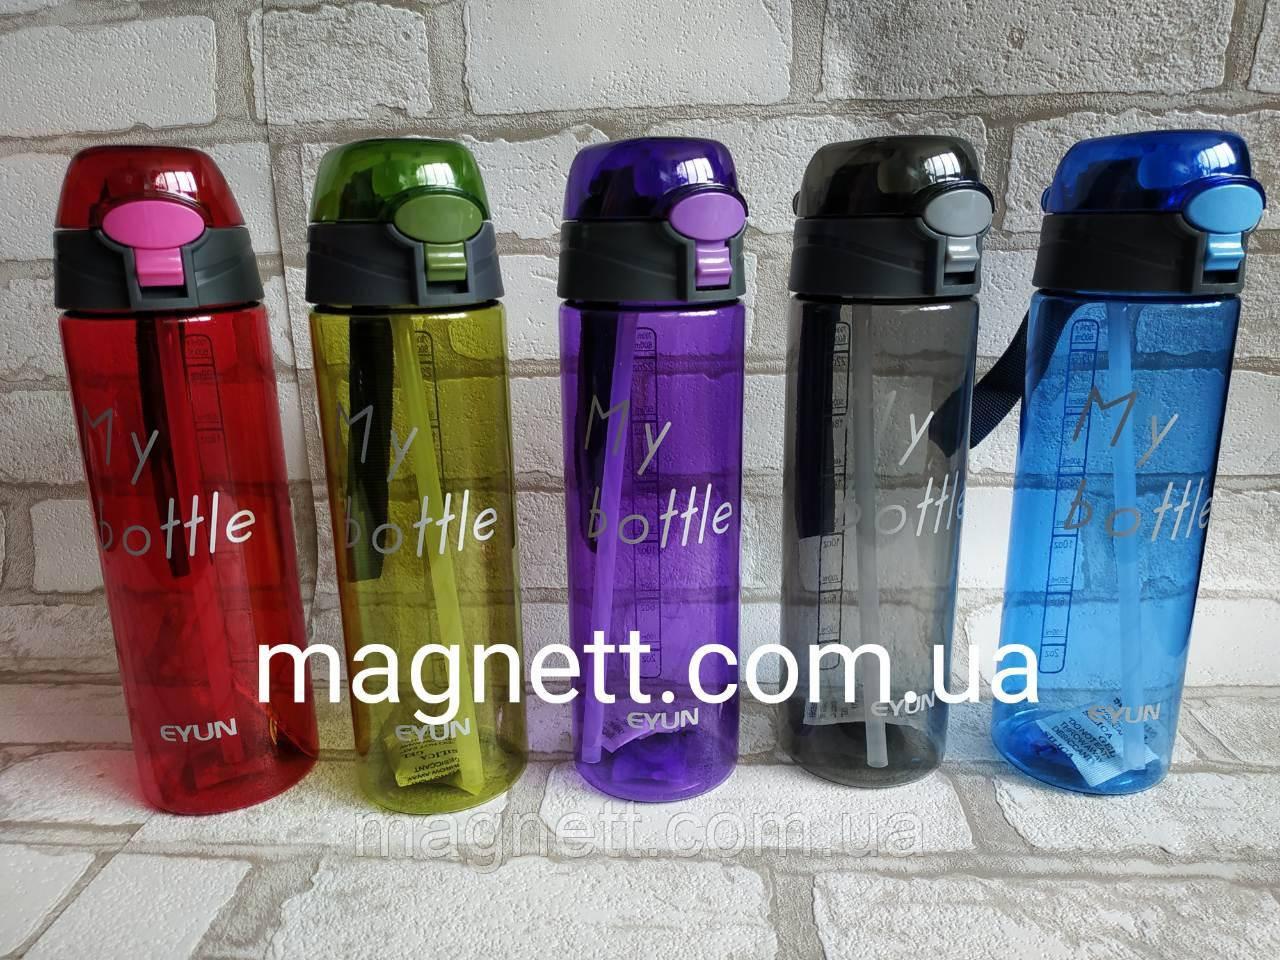 Спортивна Фітнес пляшка з поїльником My bottle 700мл